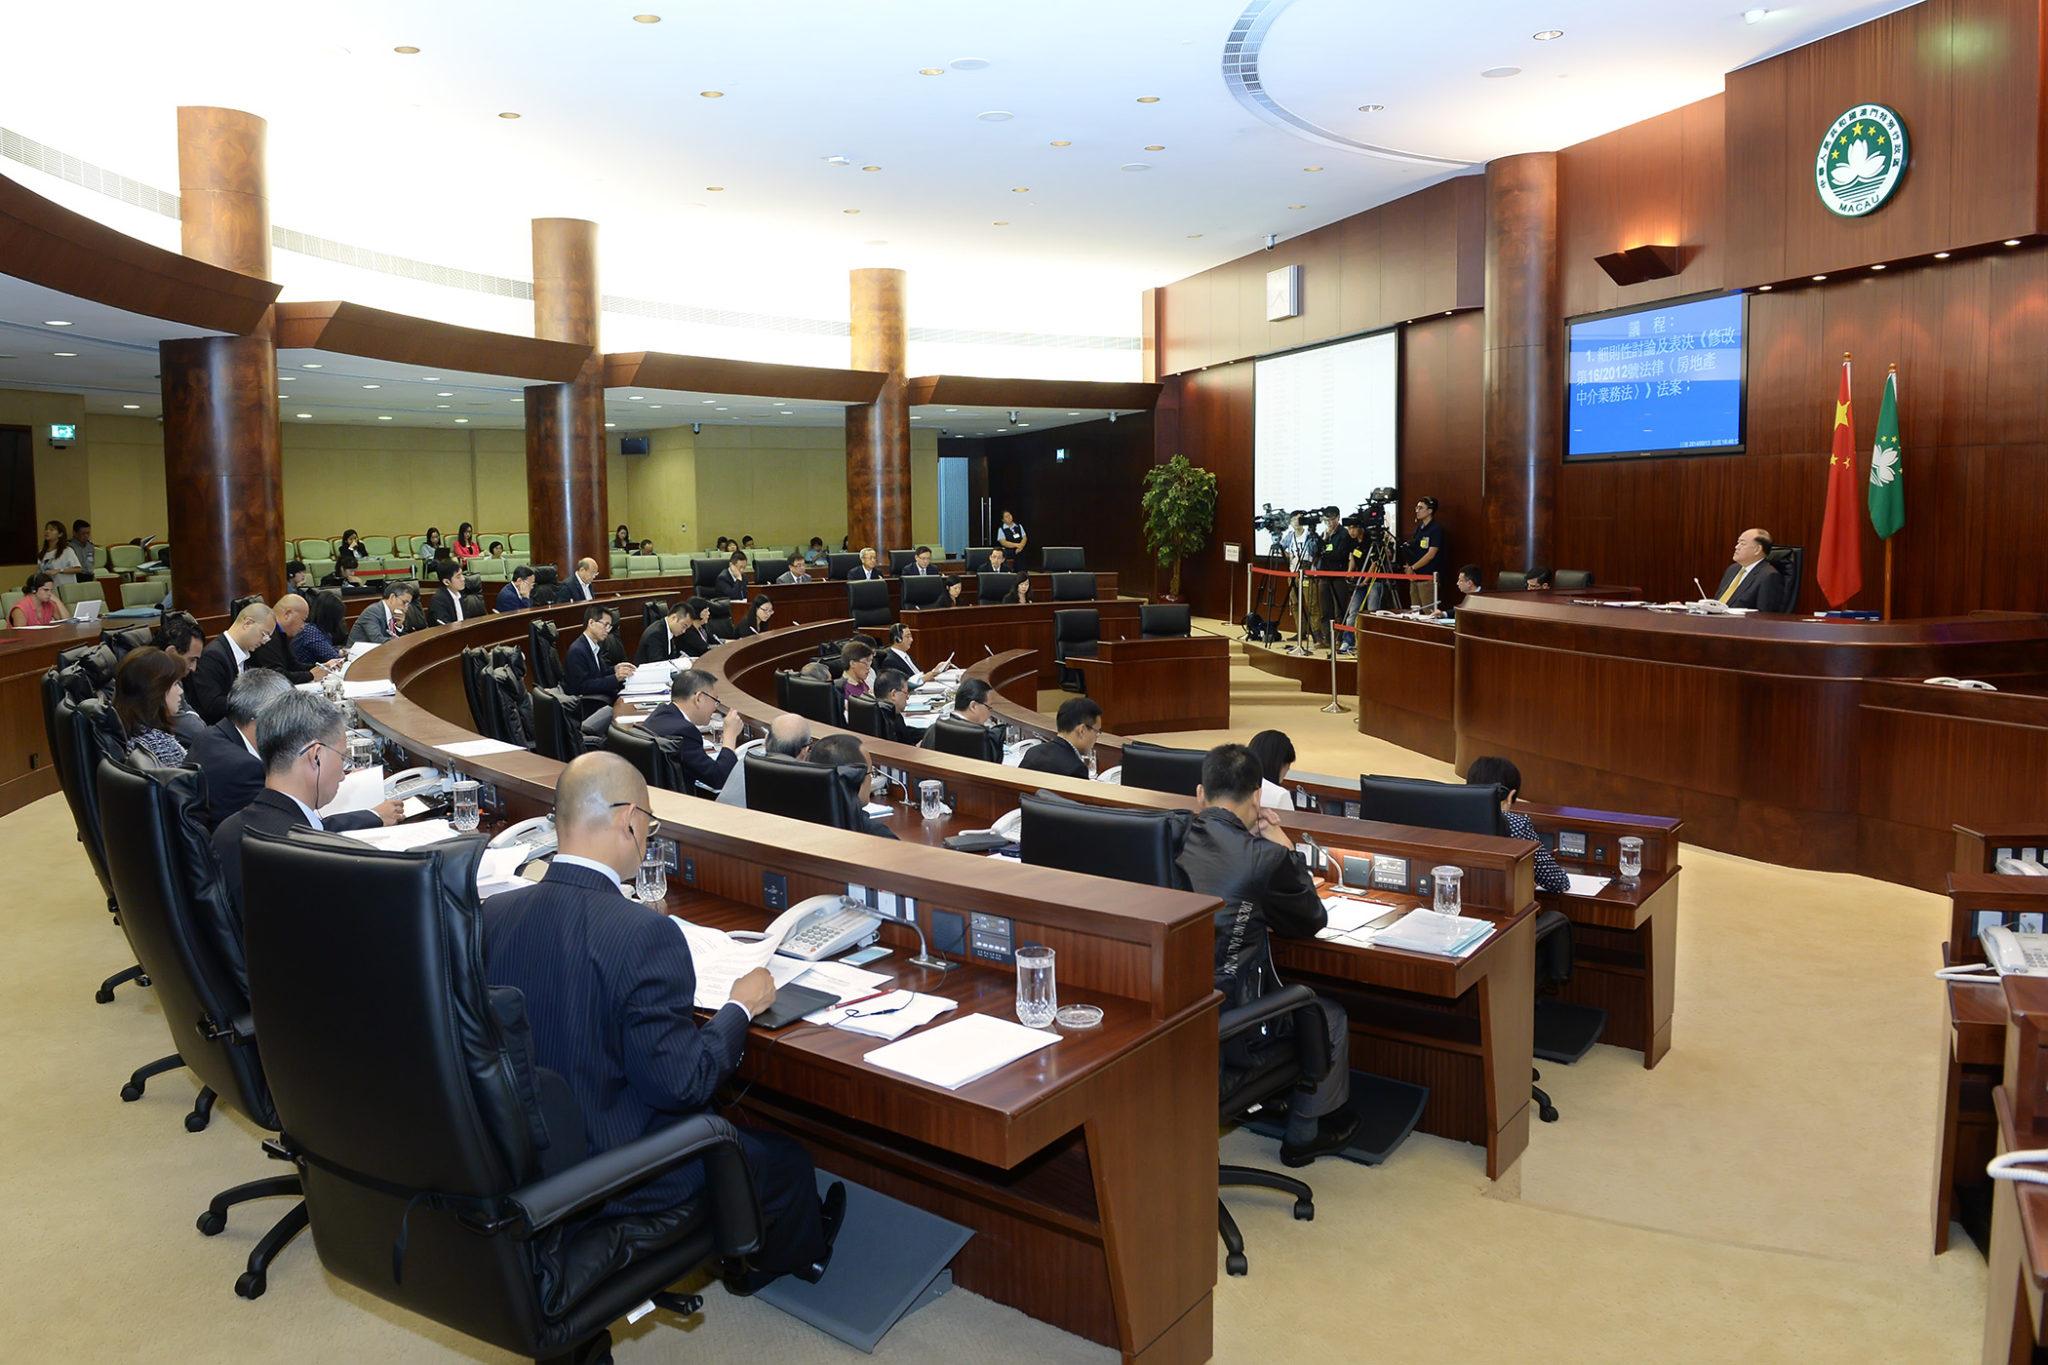 LAG 2017   Deputados pedem avanços no regime de responsabilização